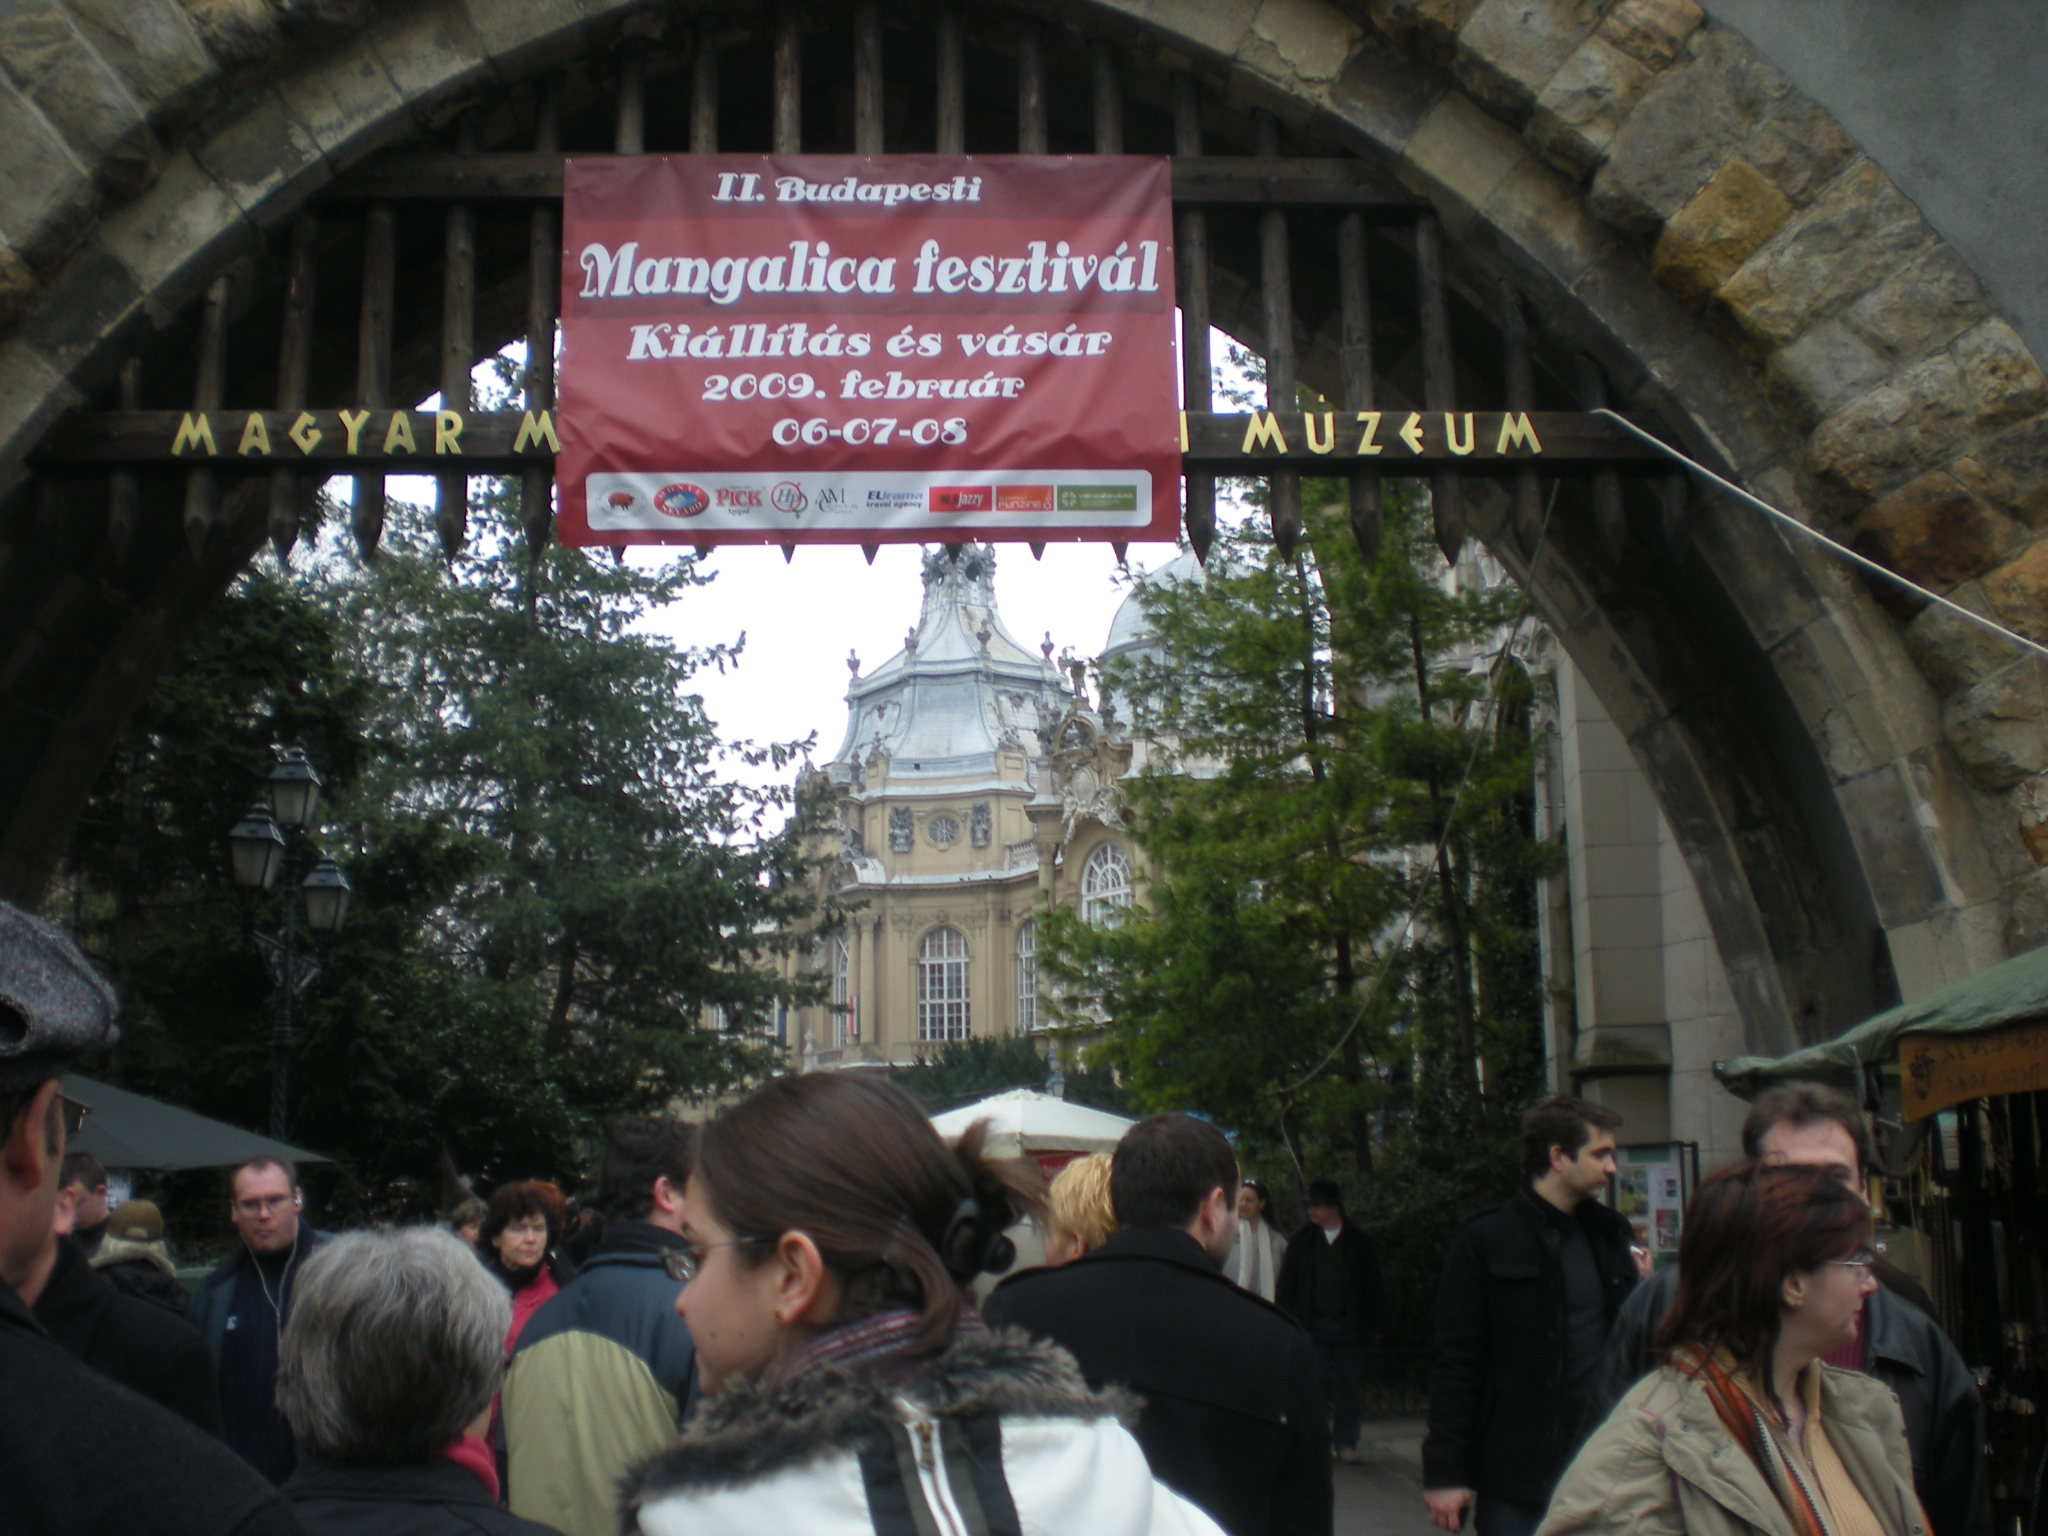 festivalsign